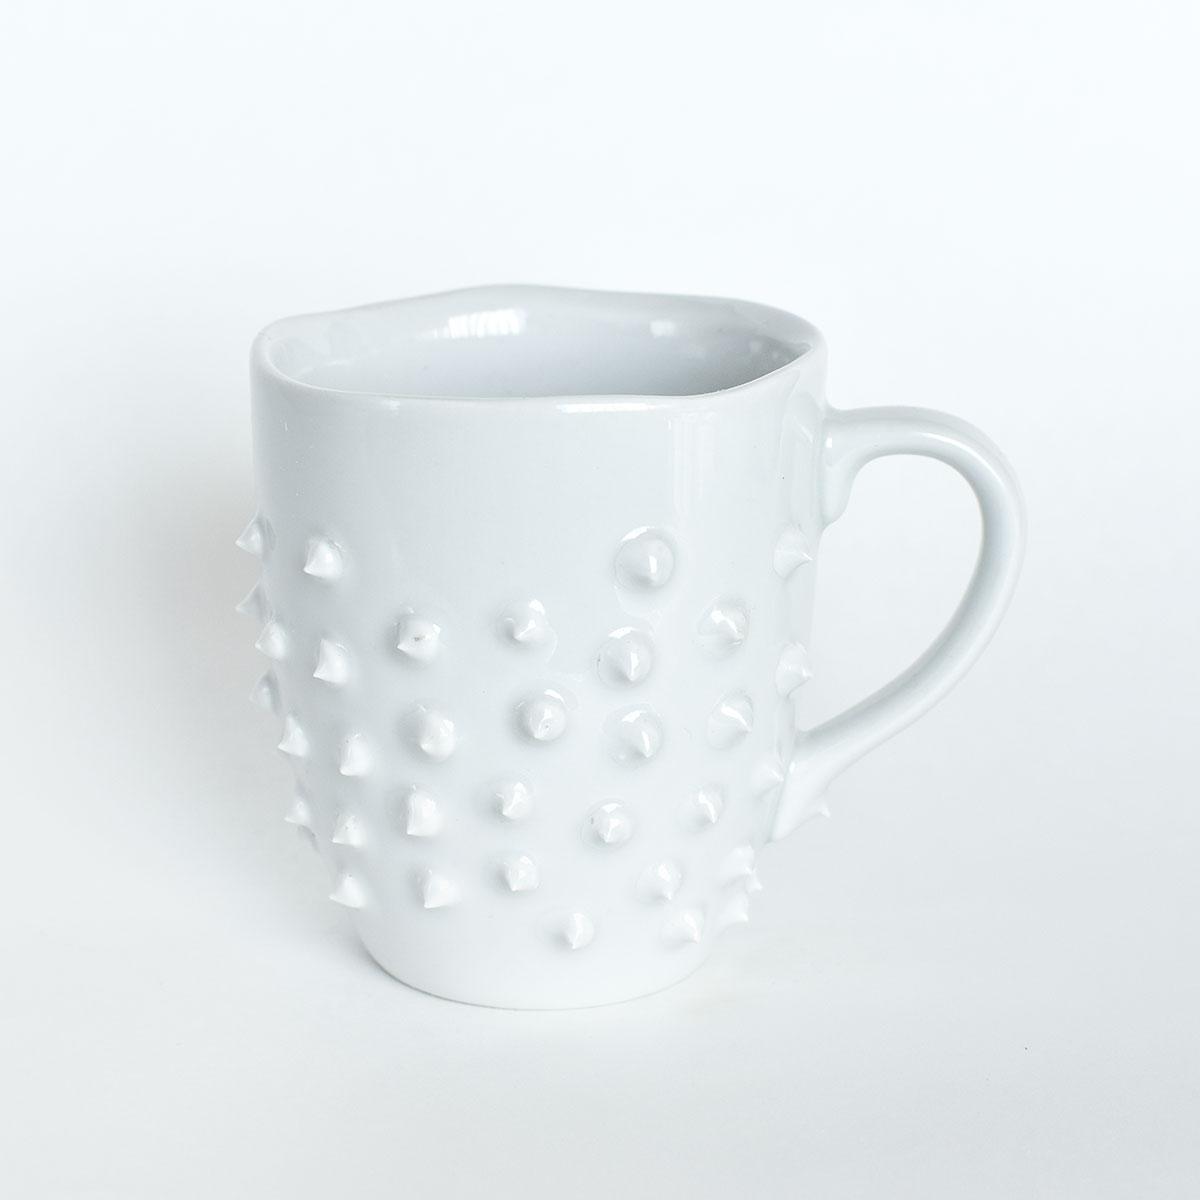 картинка Средняя белая кружка с шипами 2 - DishWishes.Ru